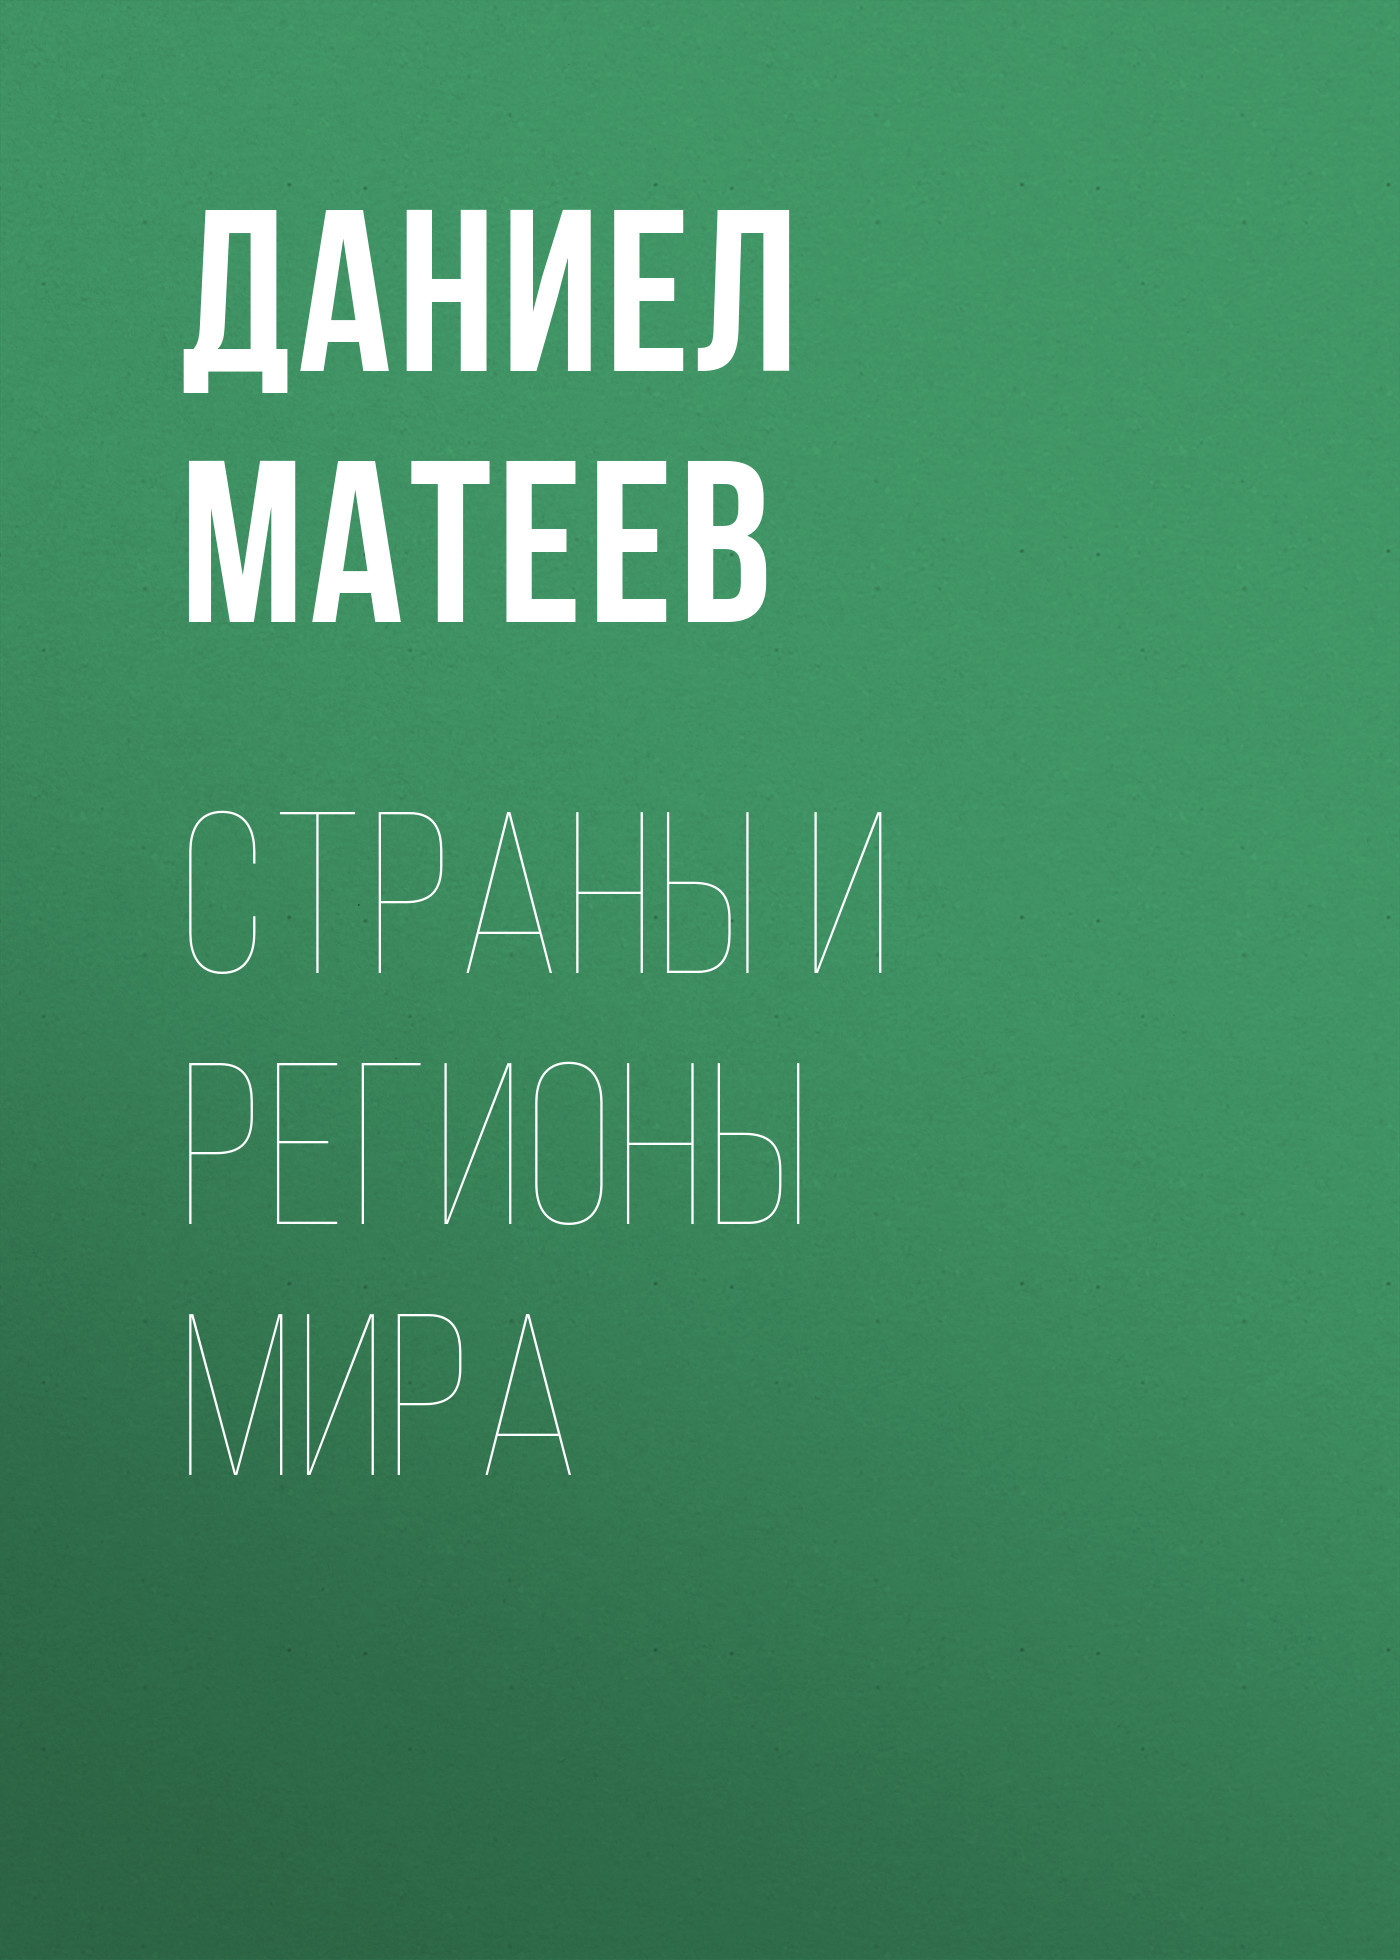 Даниел Матеев бесплатно